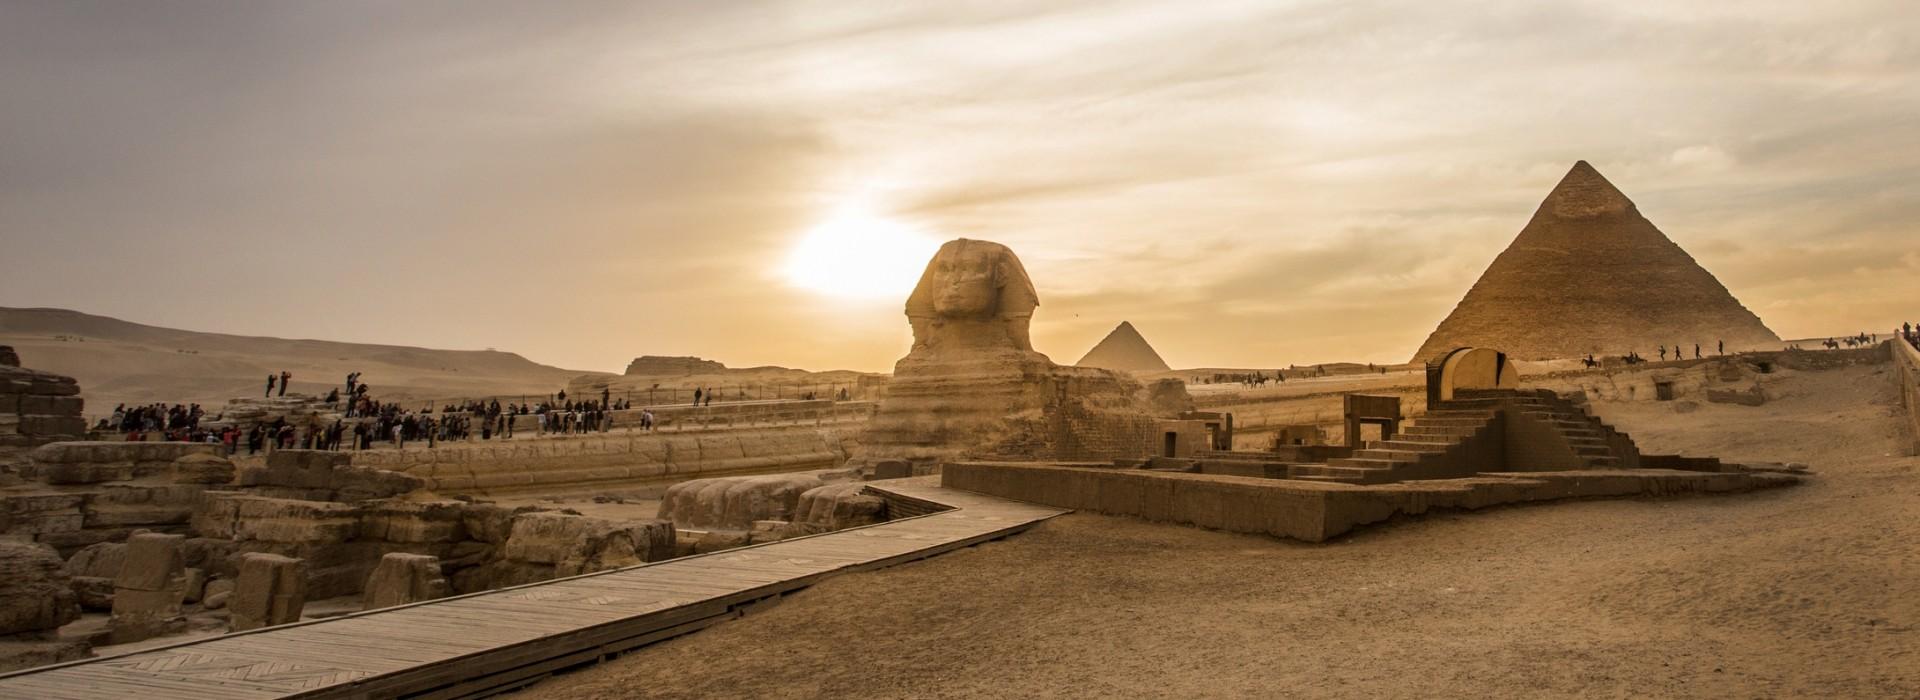 Tours To Egypt